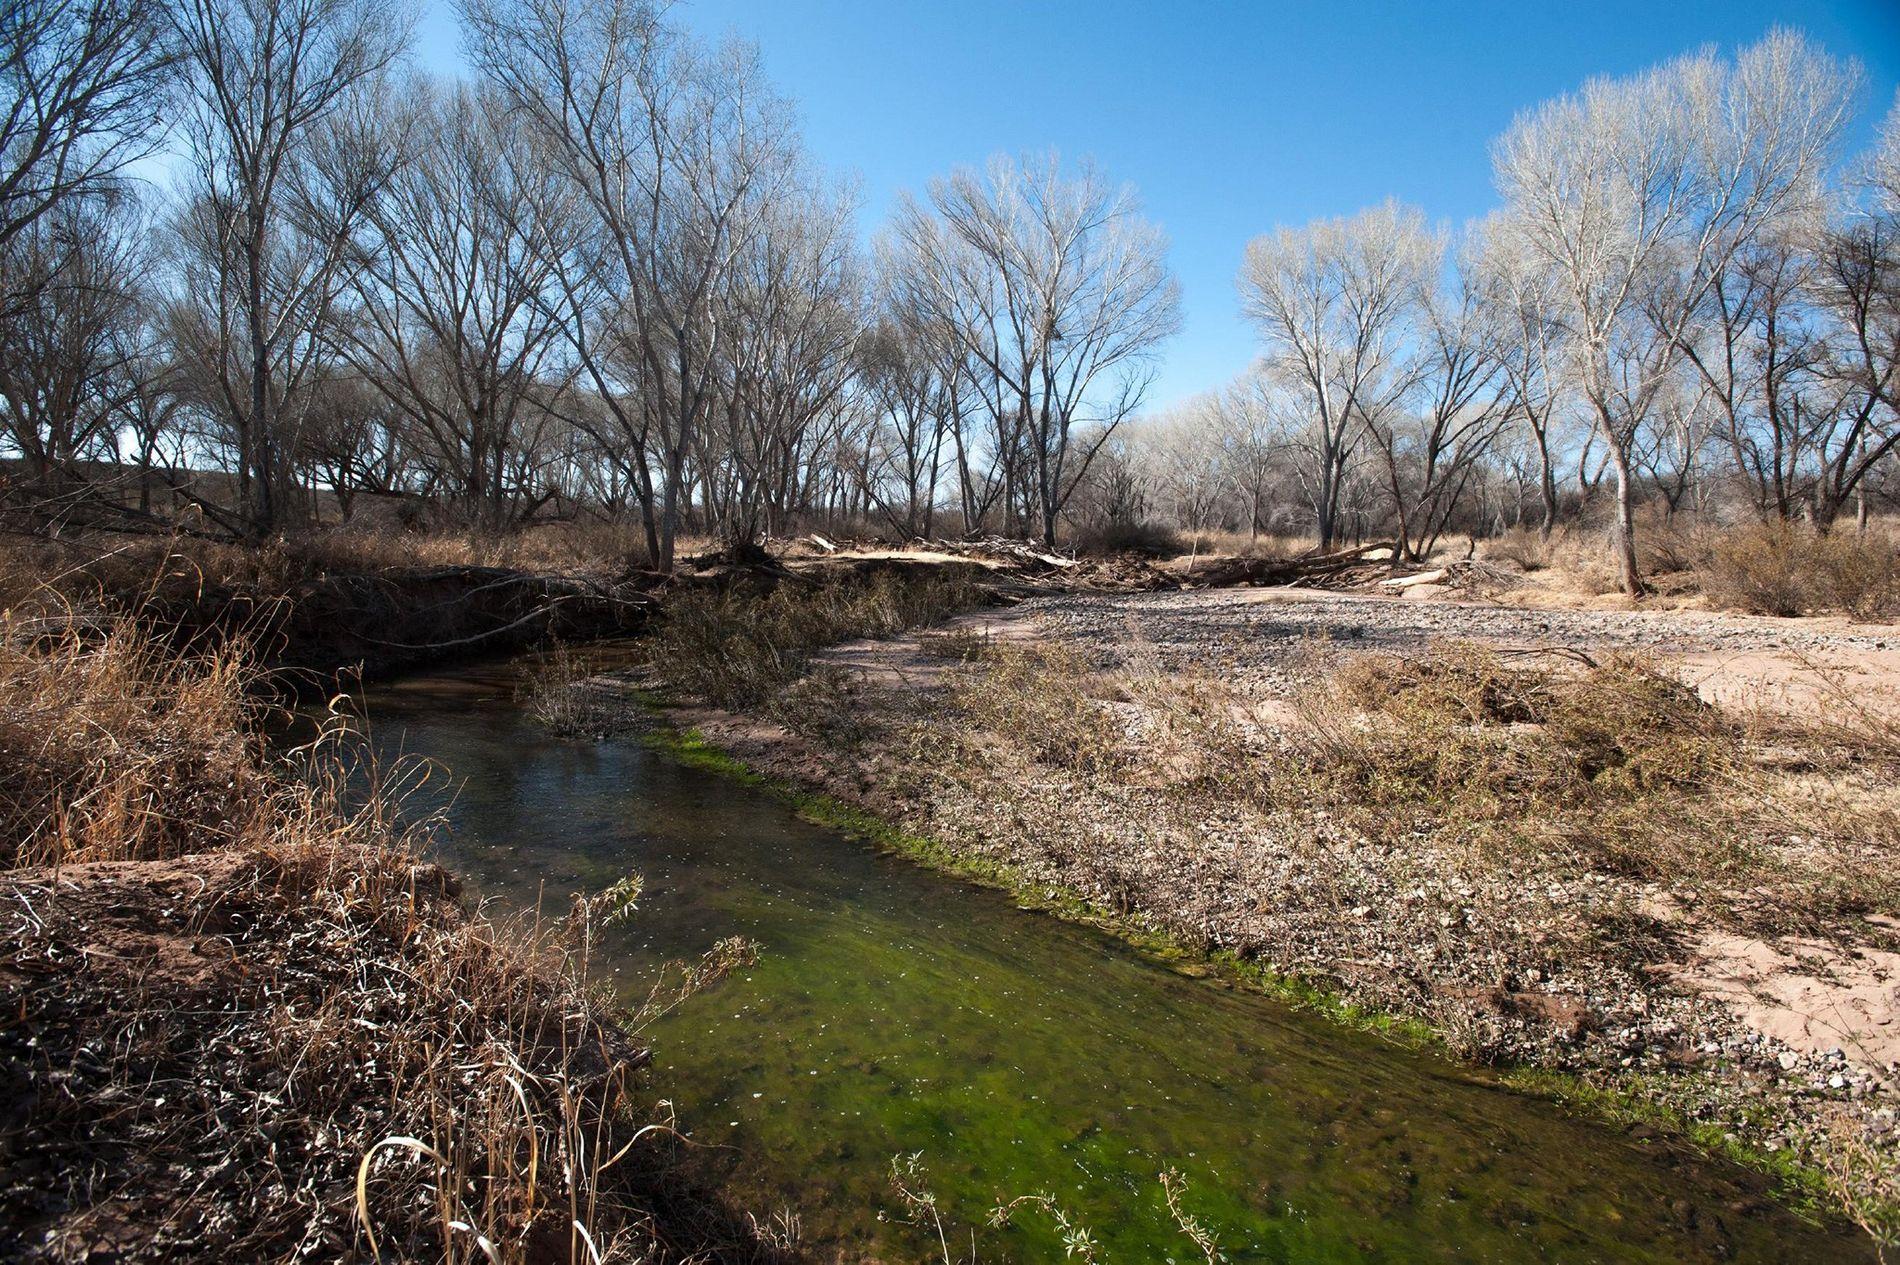 O rio San Pedro, no estado do Arizona, teve sua vazão reduzida nas últimas décadas devido ...